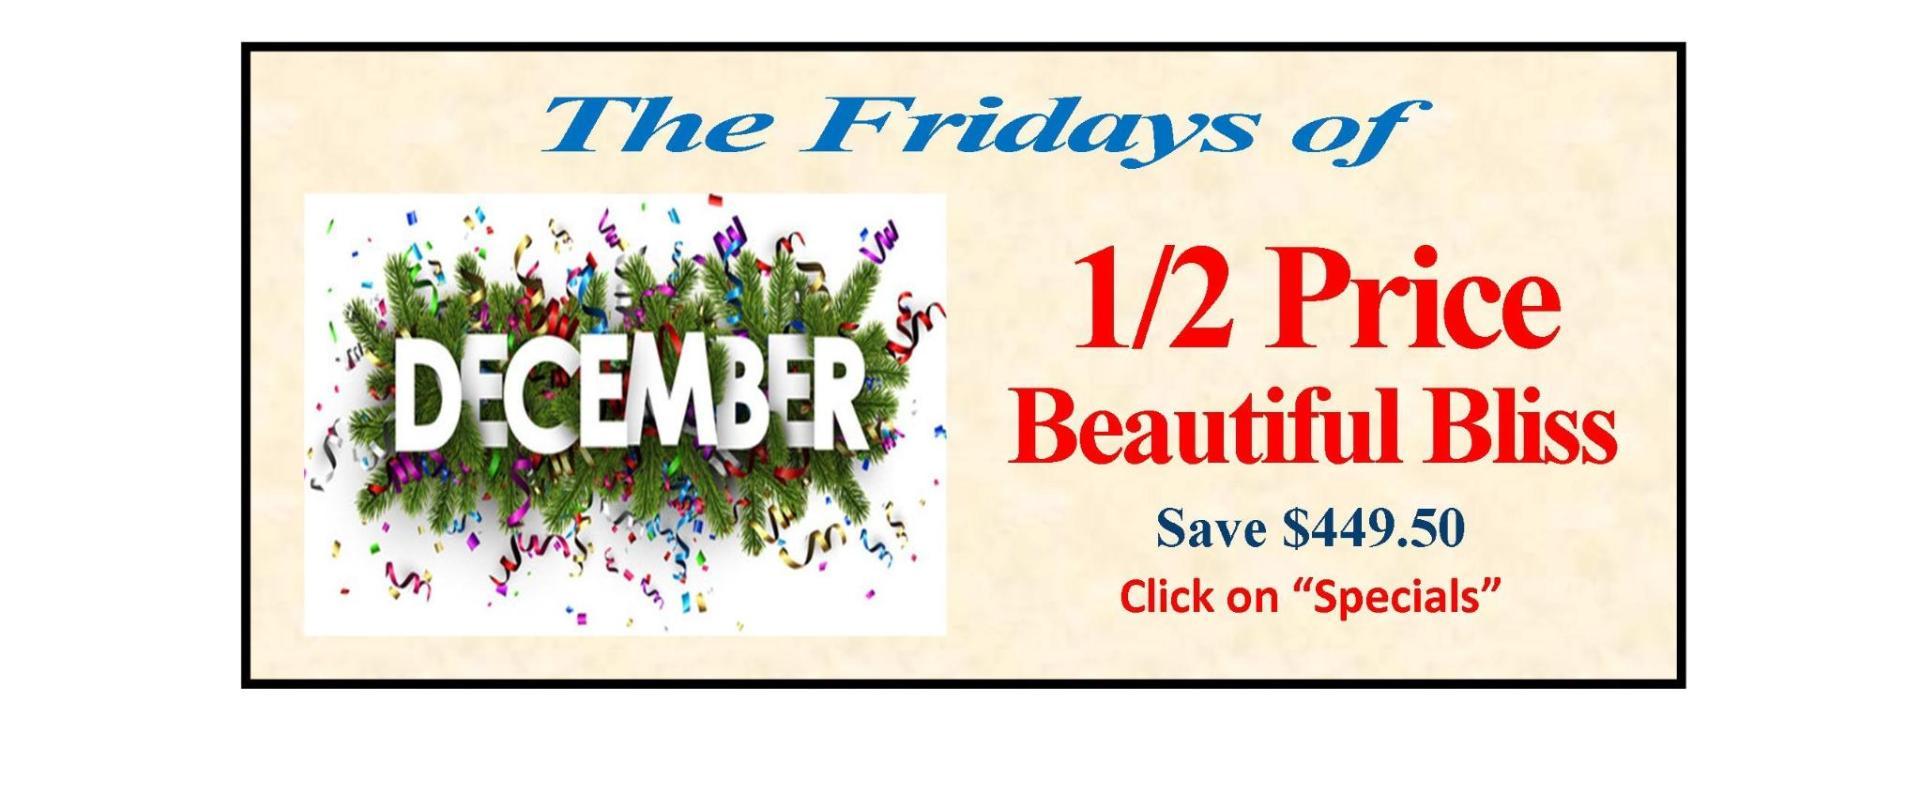 50% off december special fridays (2).jpg